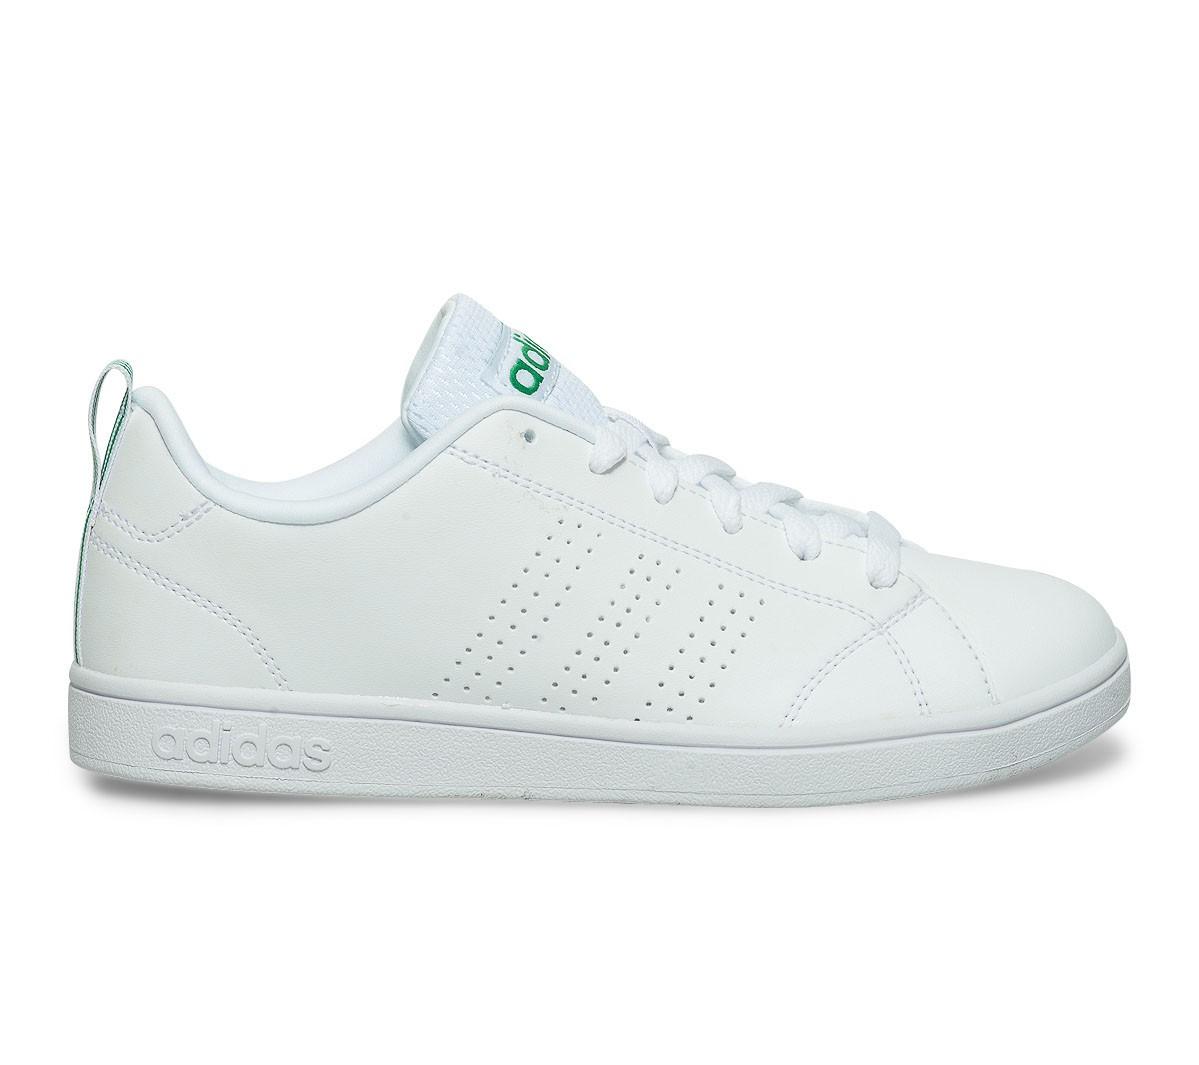 brand new 1010b 8da5d Promotion de groupe adidas blanche et verte femme.Dédié à économiser de  l argent - www.stronycms.eu